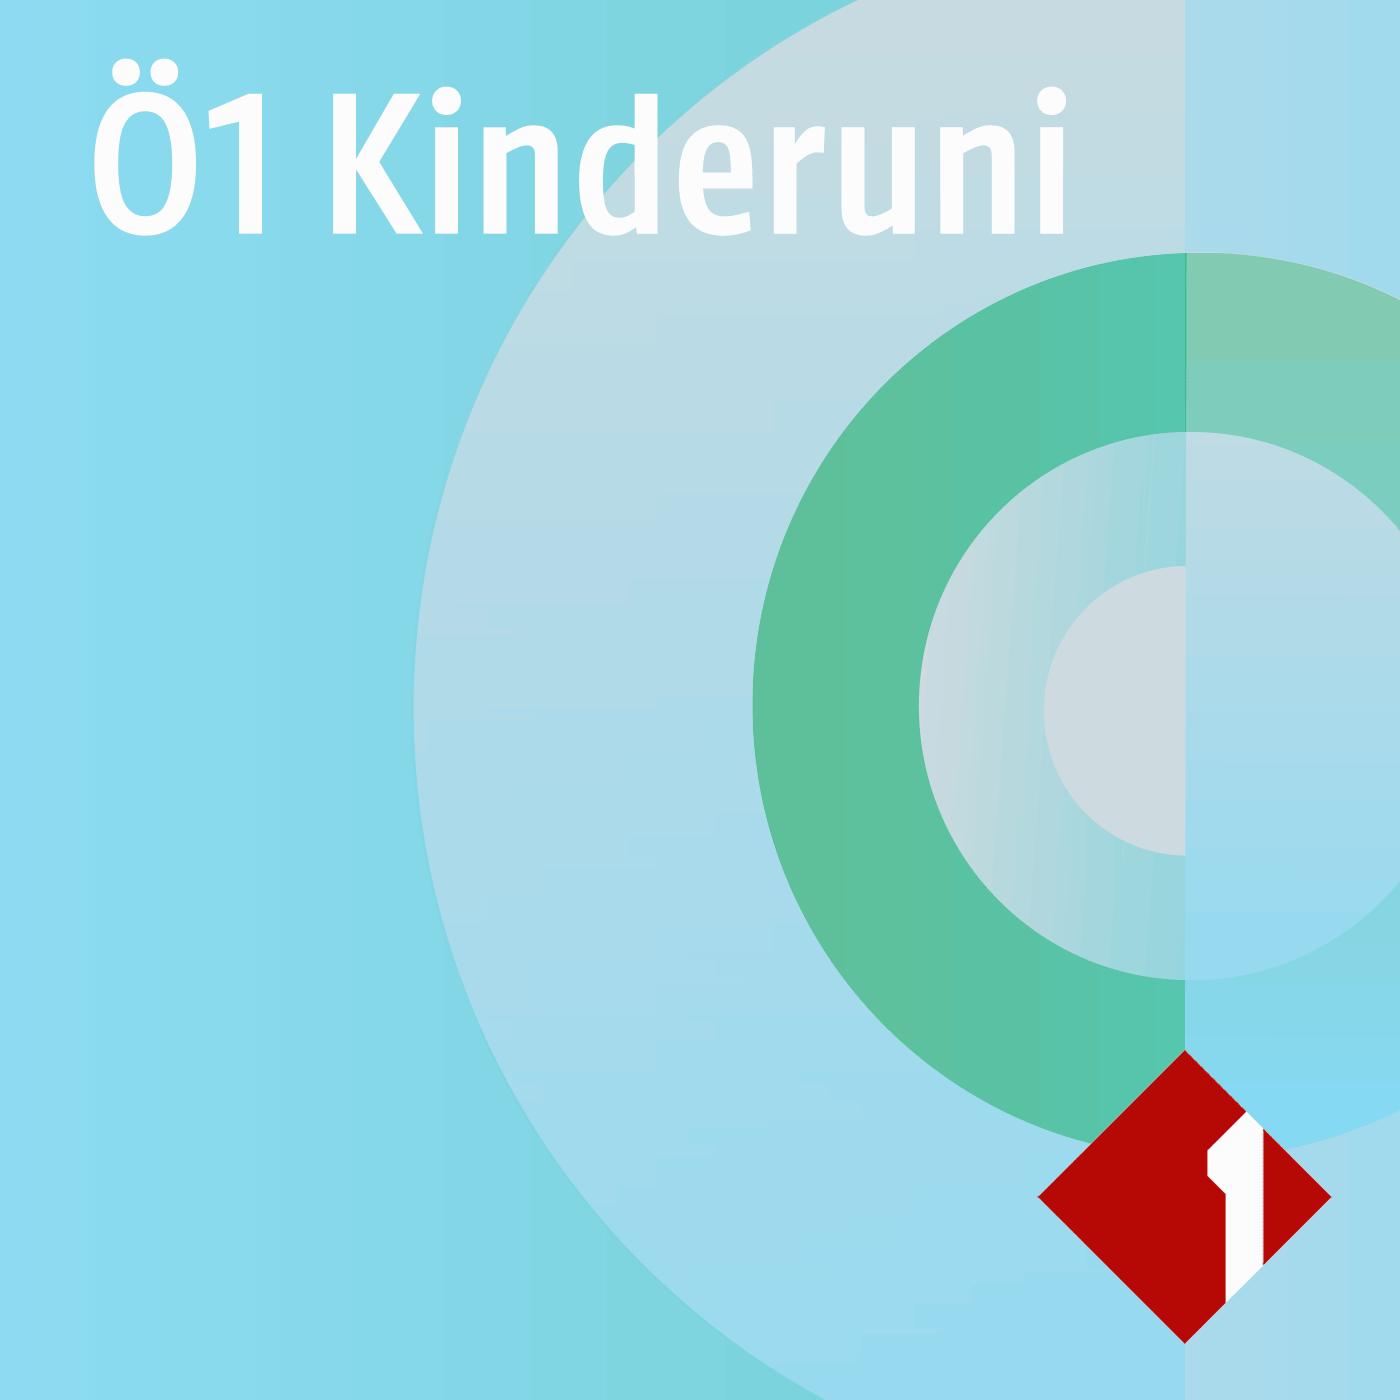 Ö1 Kinderuni